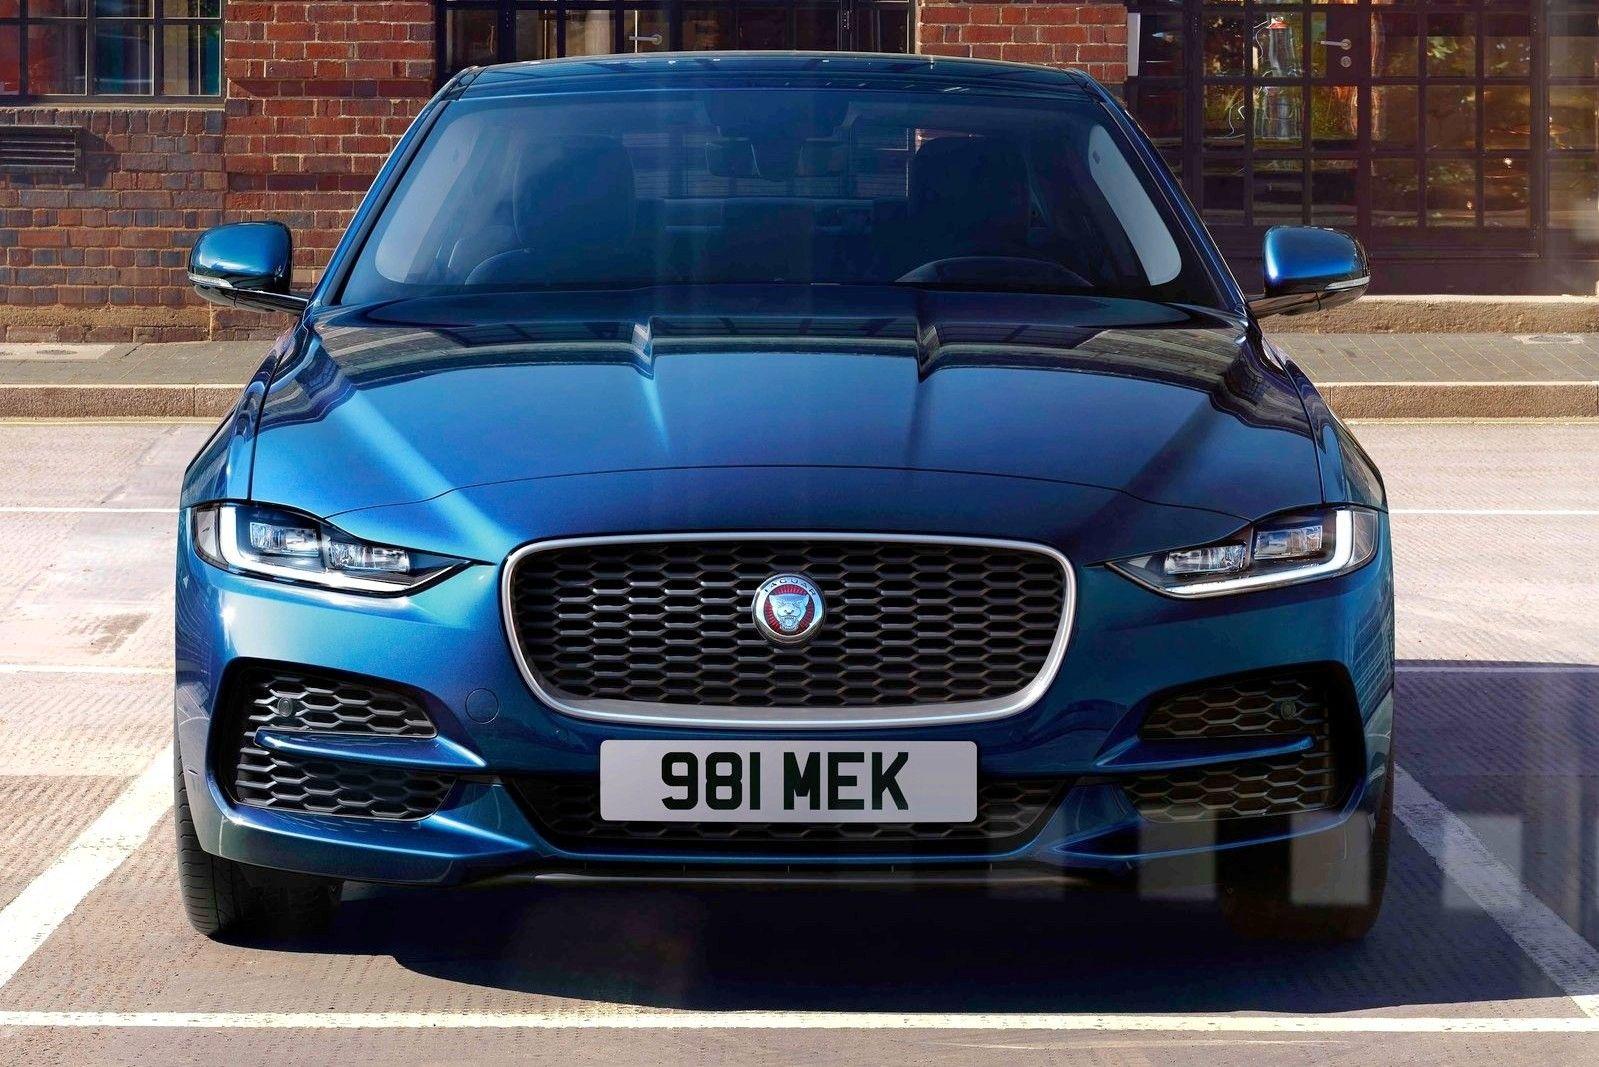 June Glass Jaguar 2019 Models In India